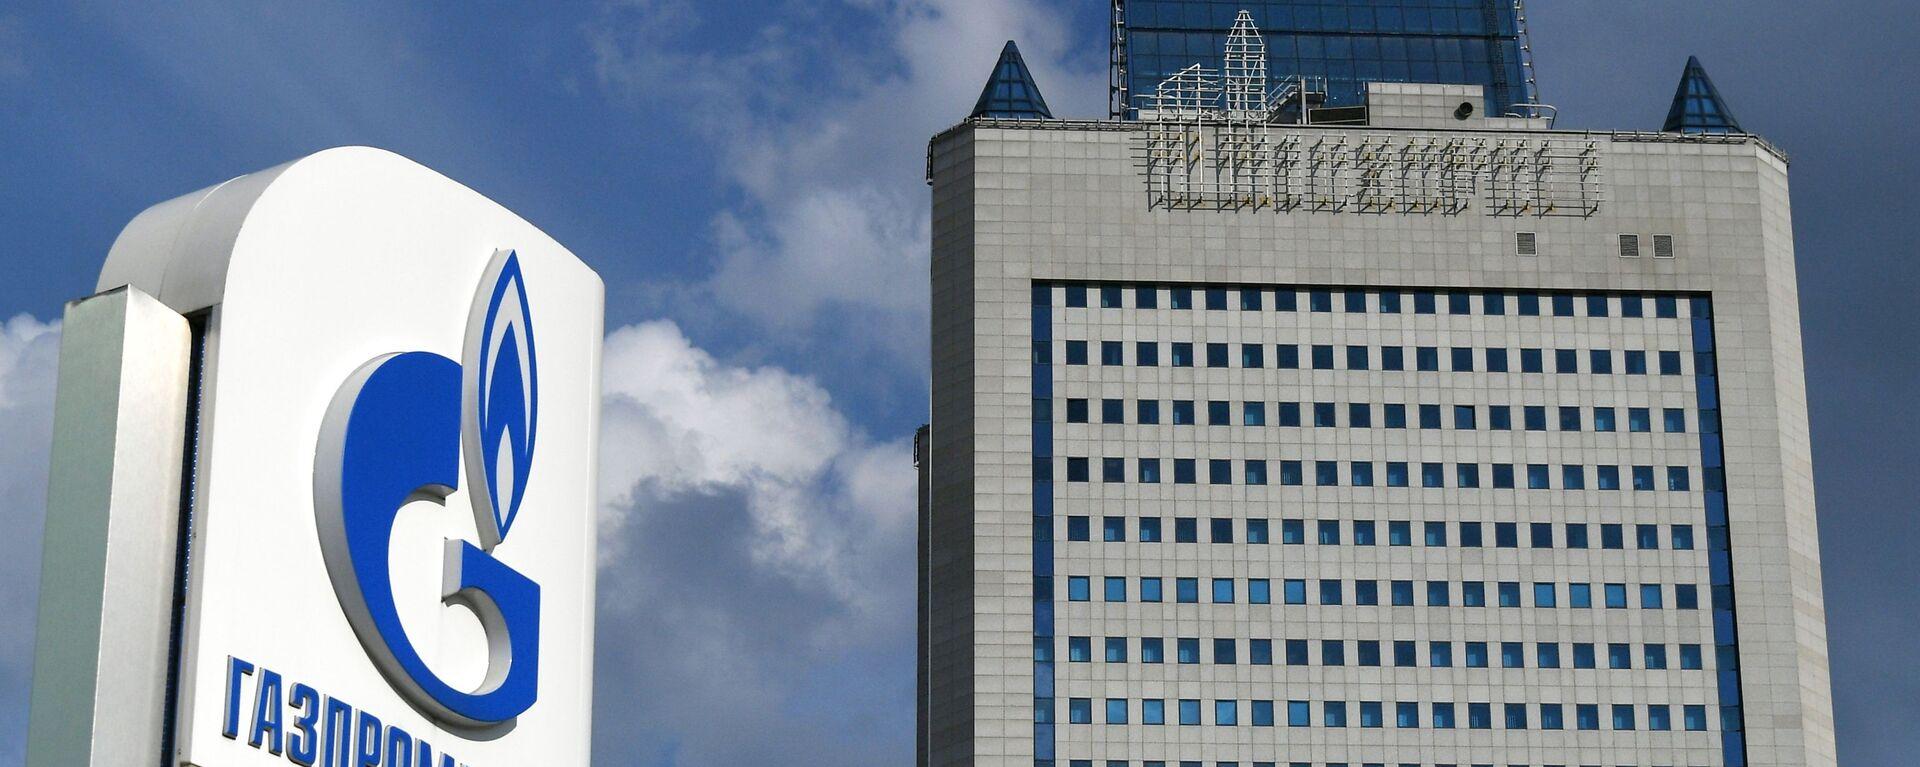 Здание компании Газпром в Москве  - Sputnik Латвия, 1920, 24.09.2021